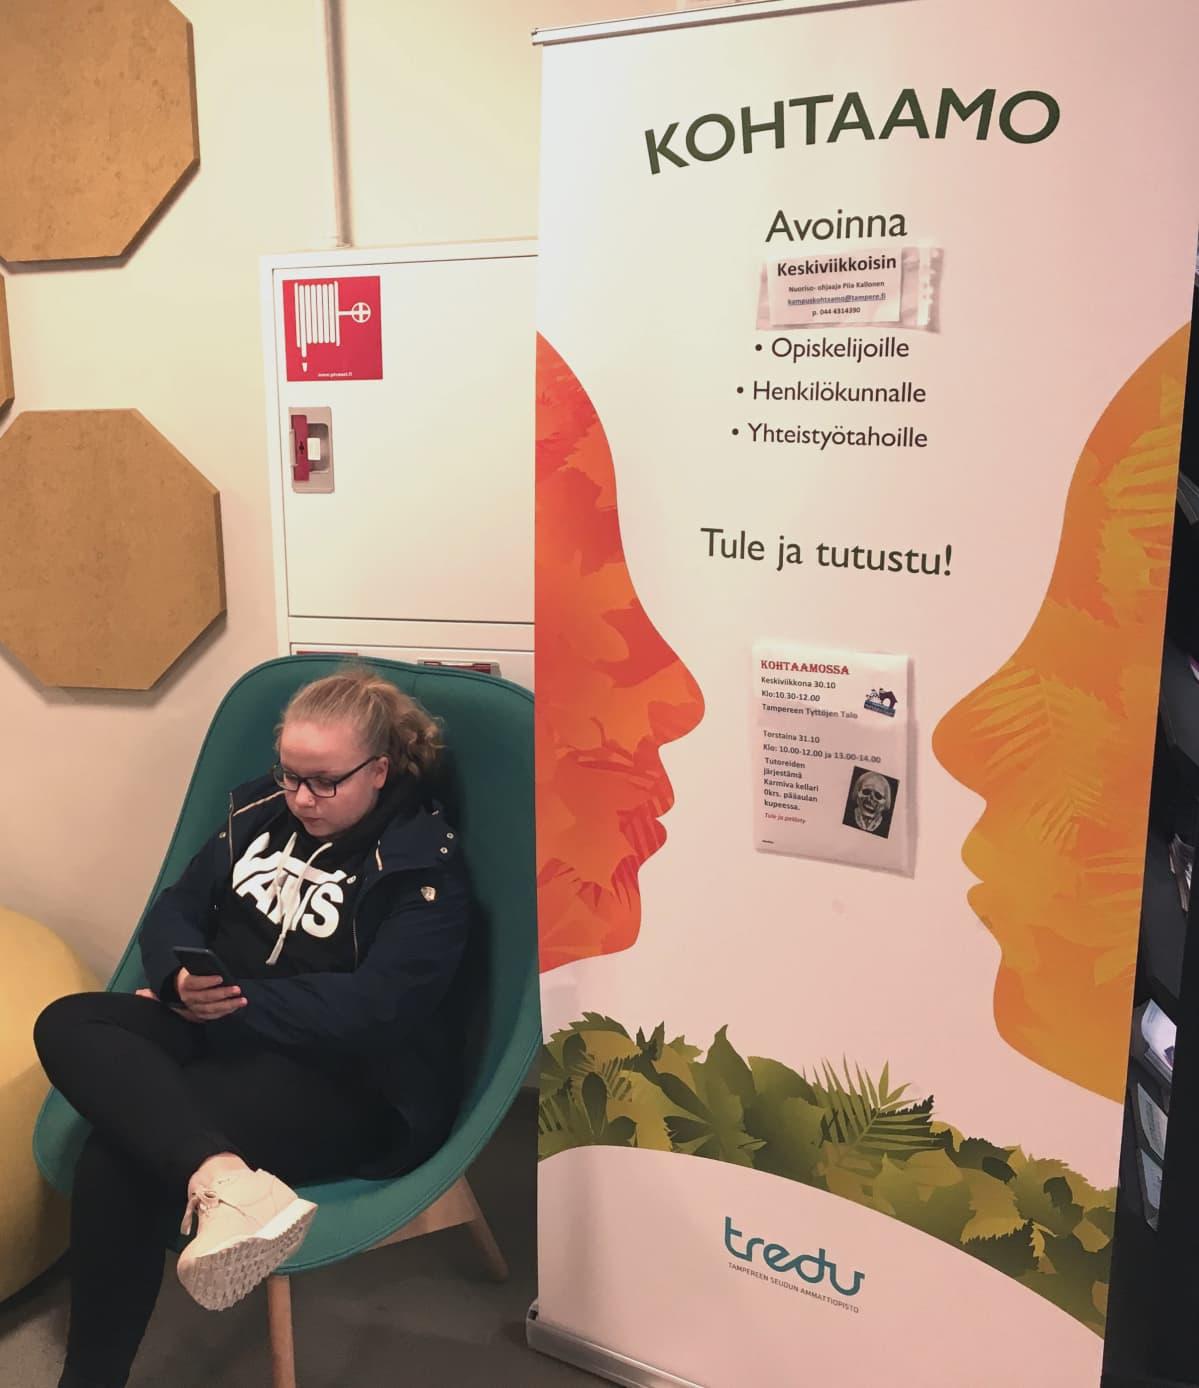 Tyttö selaa kännykkää tuolilla istuen. Vieressä on iso juliste, jossa lukee Kohtaamo, ja alla pienemmällä tietoa toiminnasta.